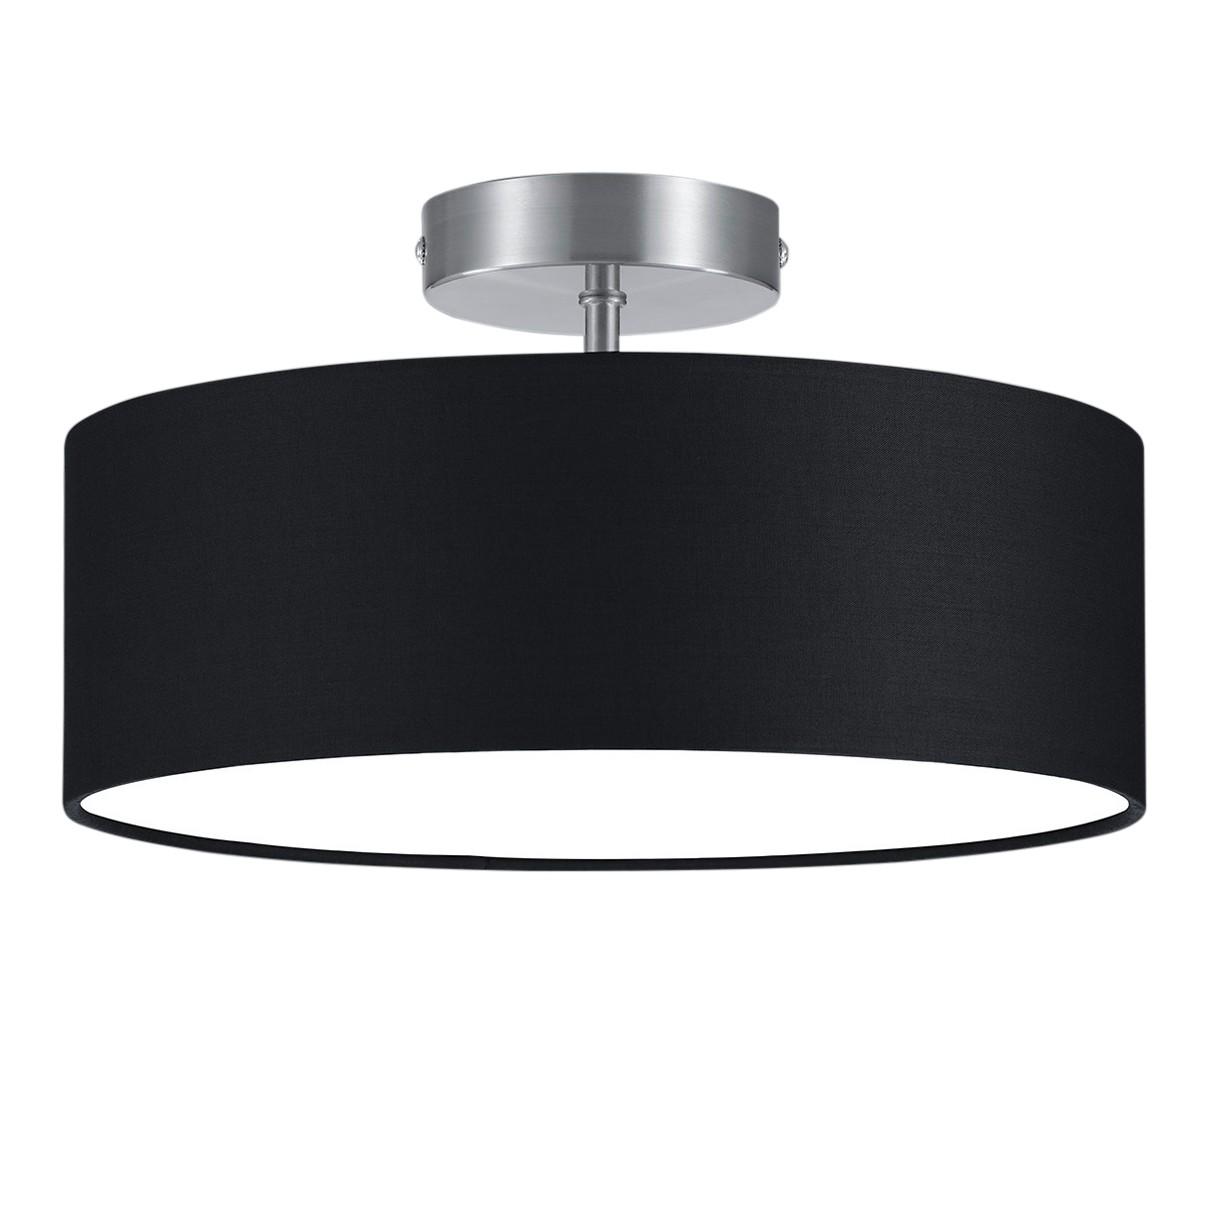 deckenleuchte cirklo stoff metall 2 flammig schwarz. Black Bedroom Furniture Sets. Home Design Ideas